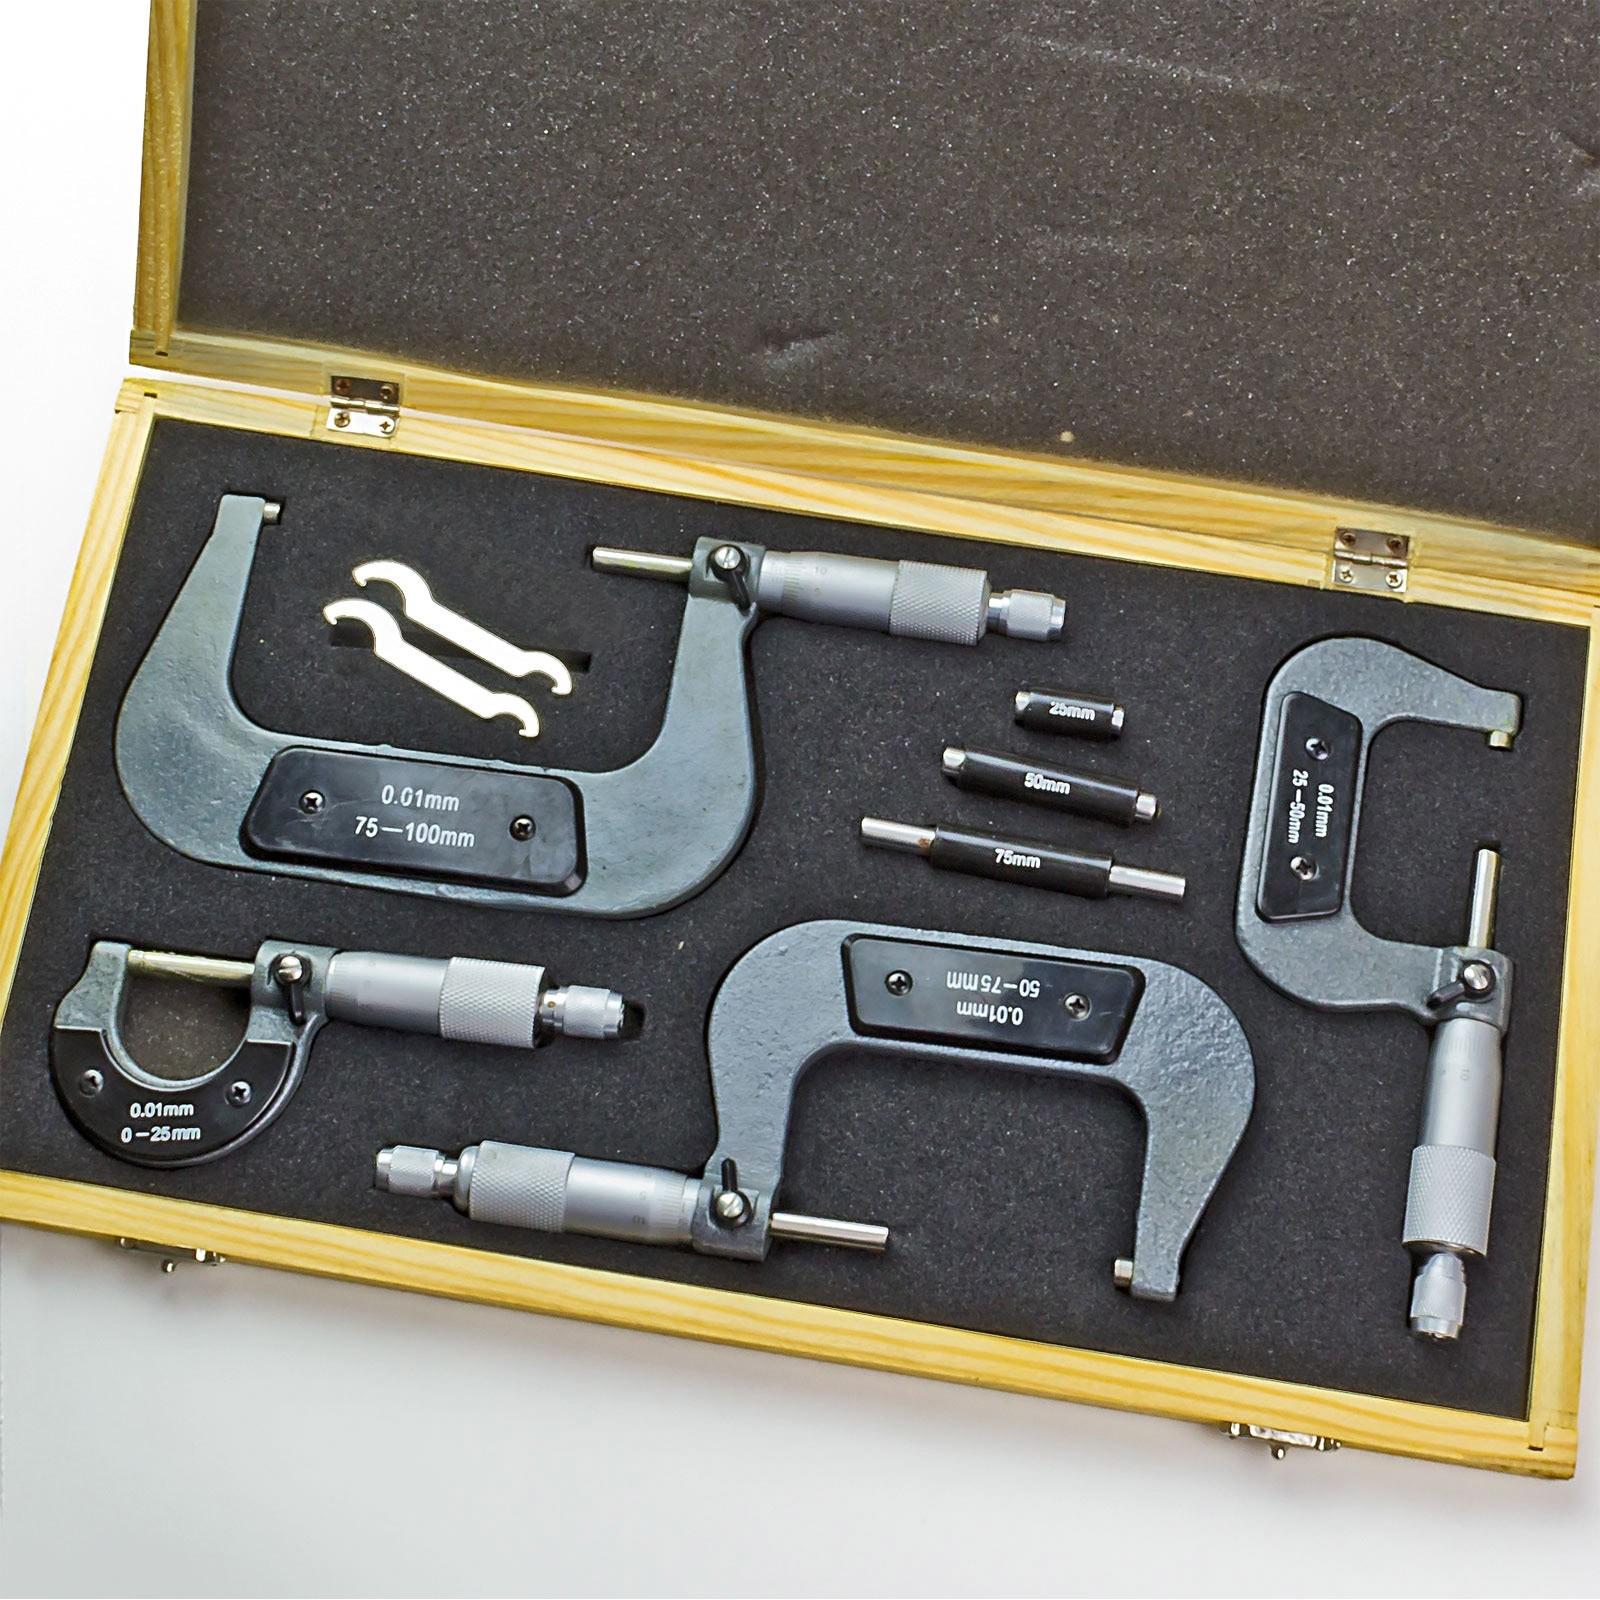 mikrometer b gelme schraube set 4 teilig im holzkoffer. Black Bedroom Furniture Sets. Home Design Ideas